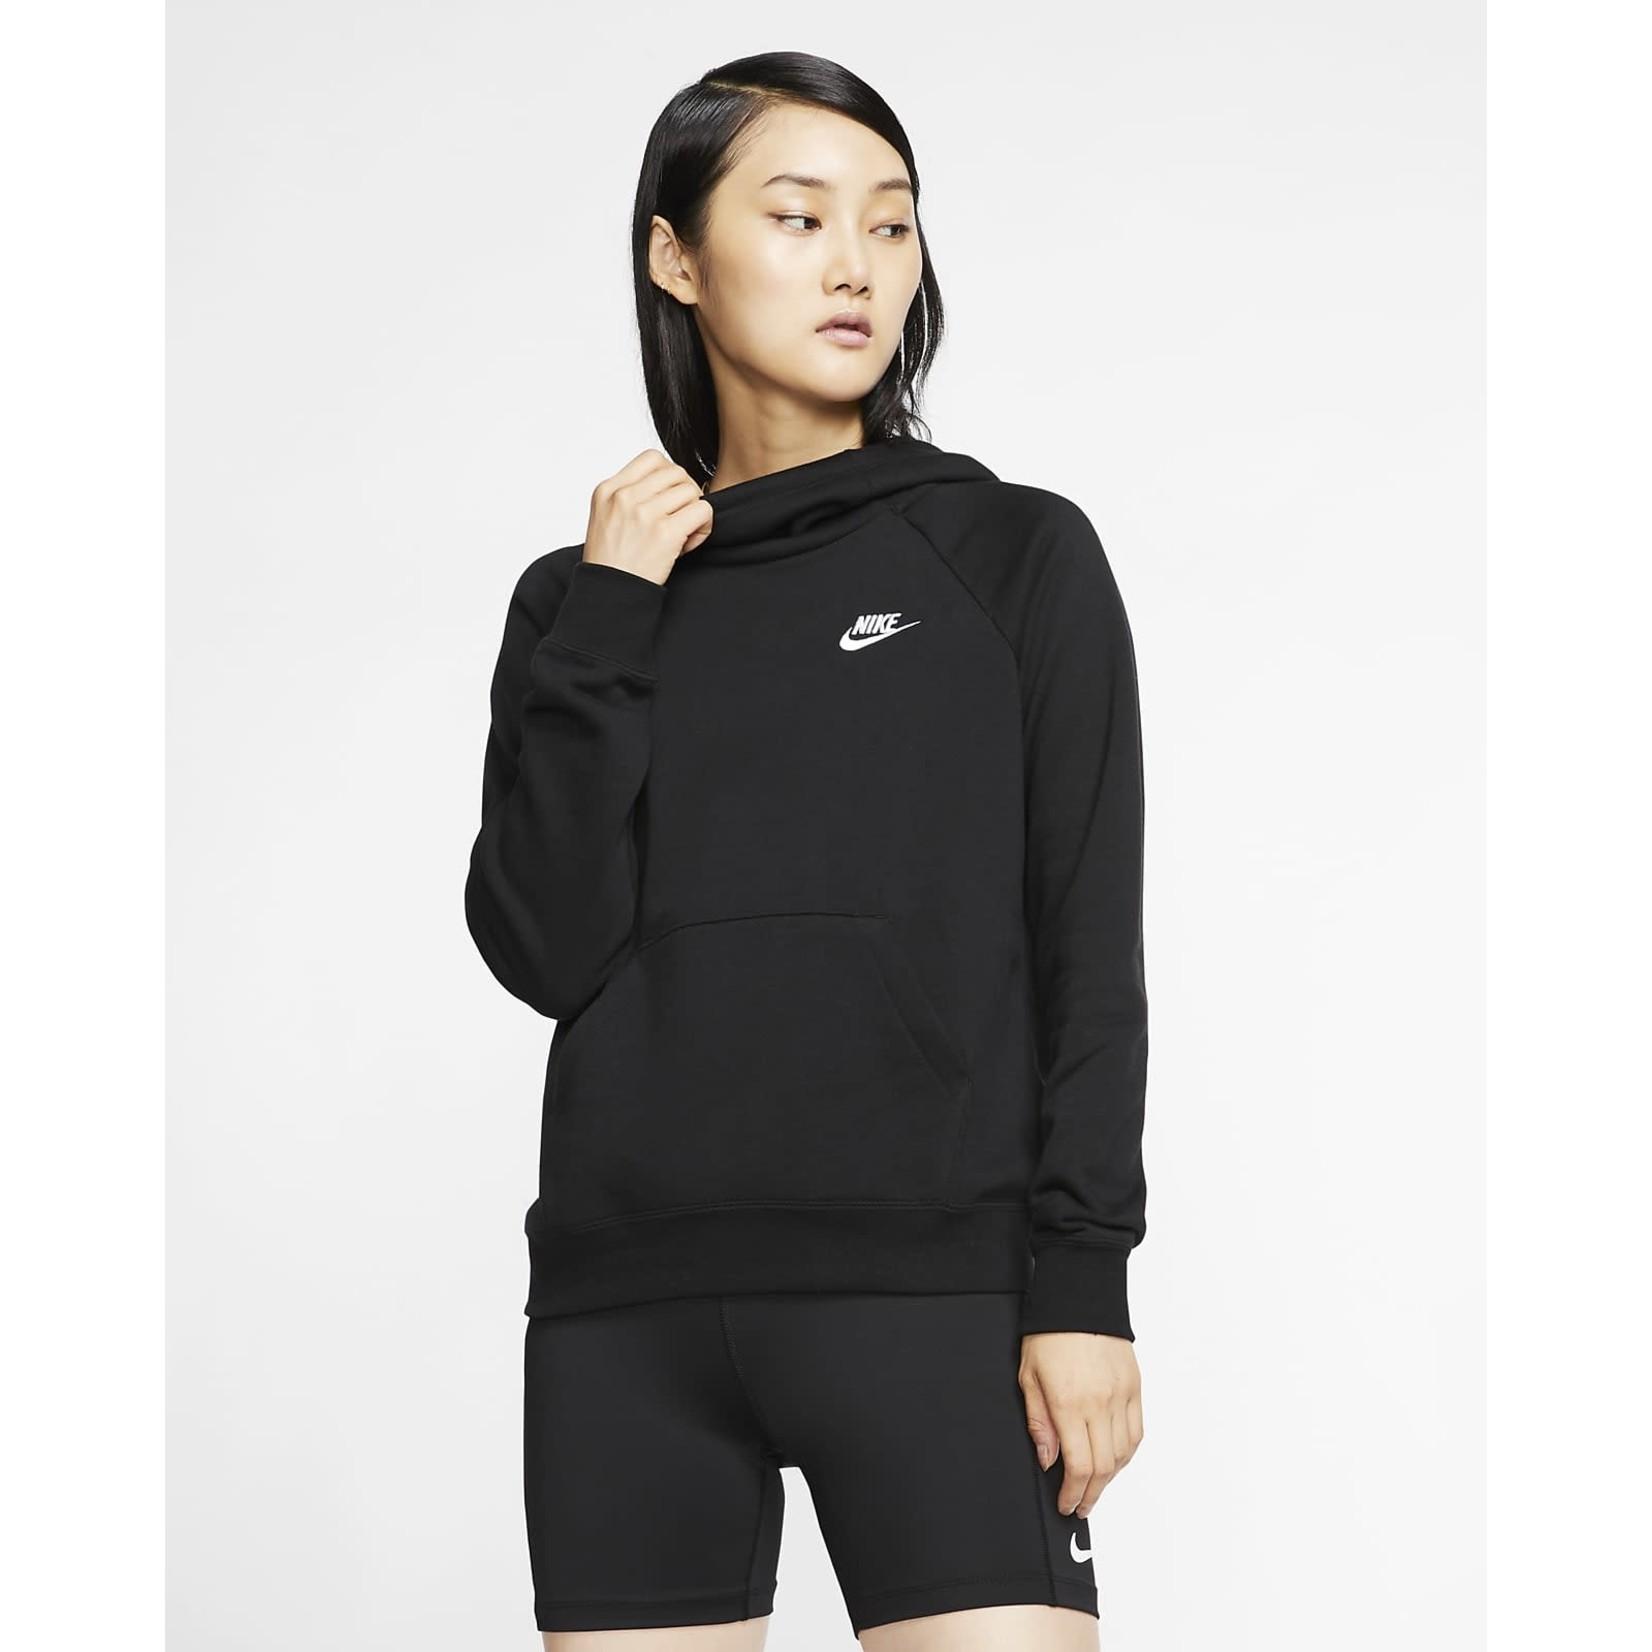 Nike Nike Hoodie, Sportswear Essential Funnel, Ladies